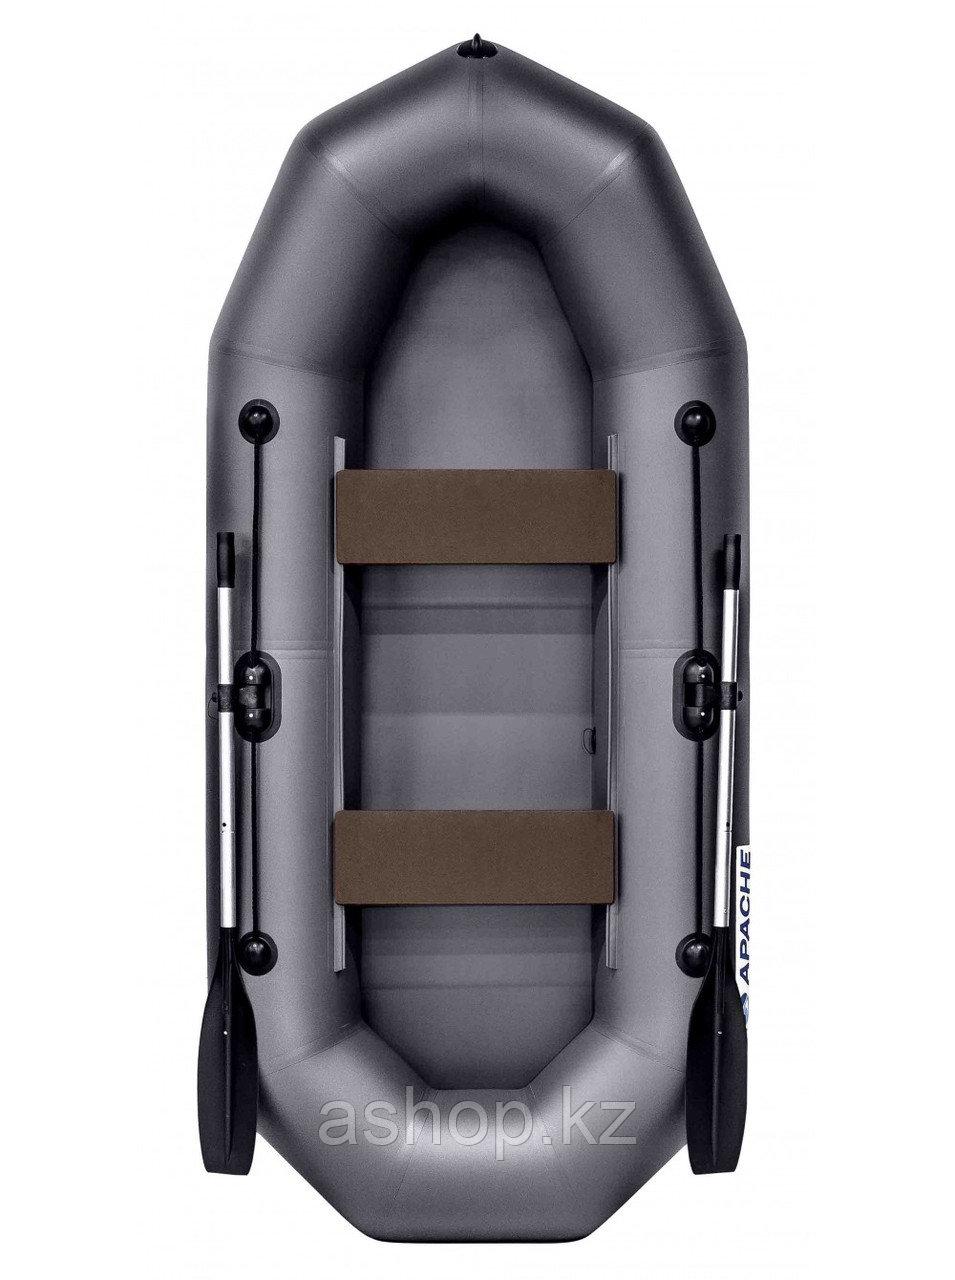 Лодка гребная надувная плоскодонная Apache  280, Грузоподъемность: 220кг, Вместимость: 2 чел., Кол-во отсеков: